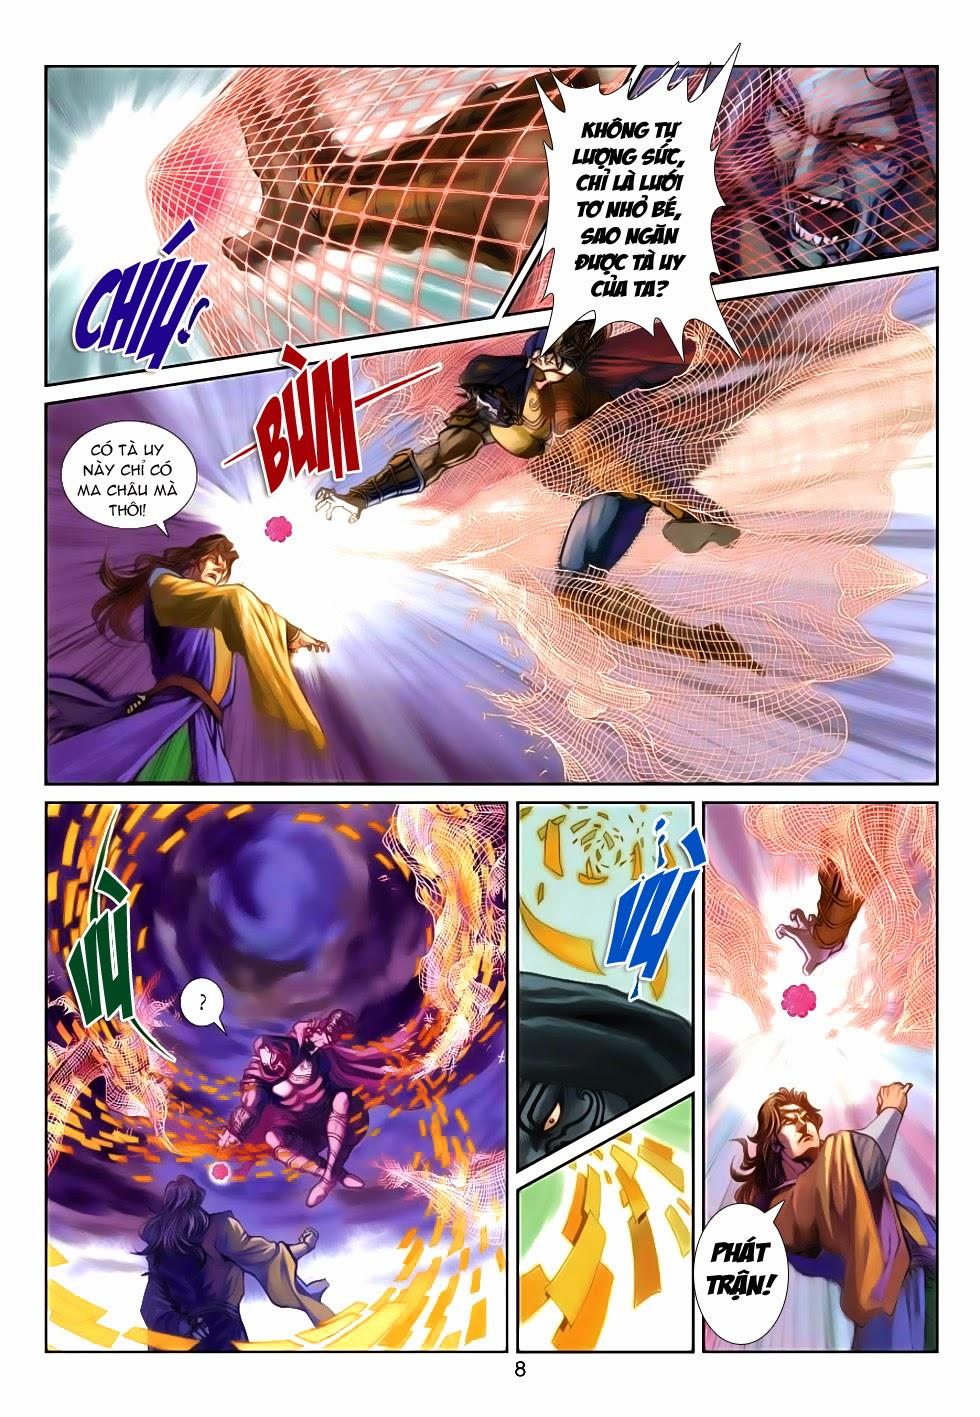 Thần Binh Tiền Truyện 4 - Huyền Thiên Tà Đế chap 5 - Trang 8